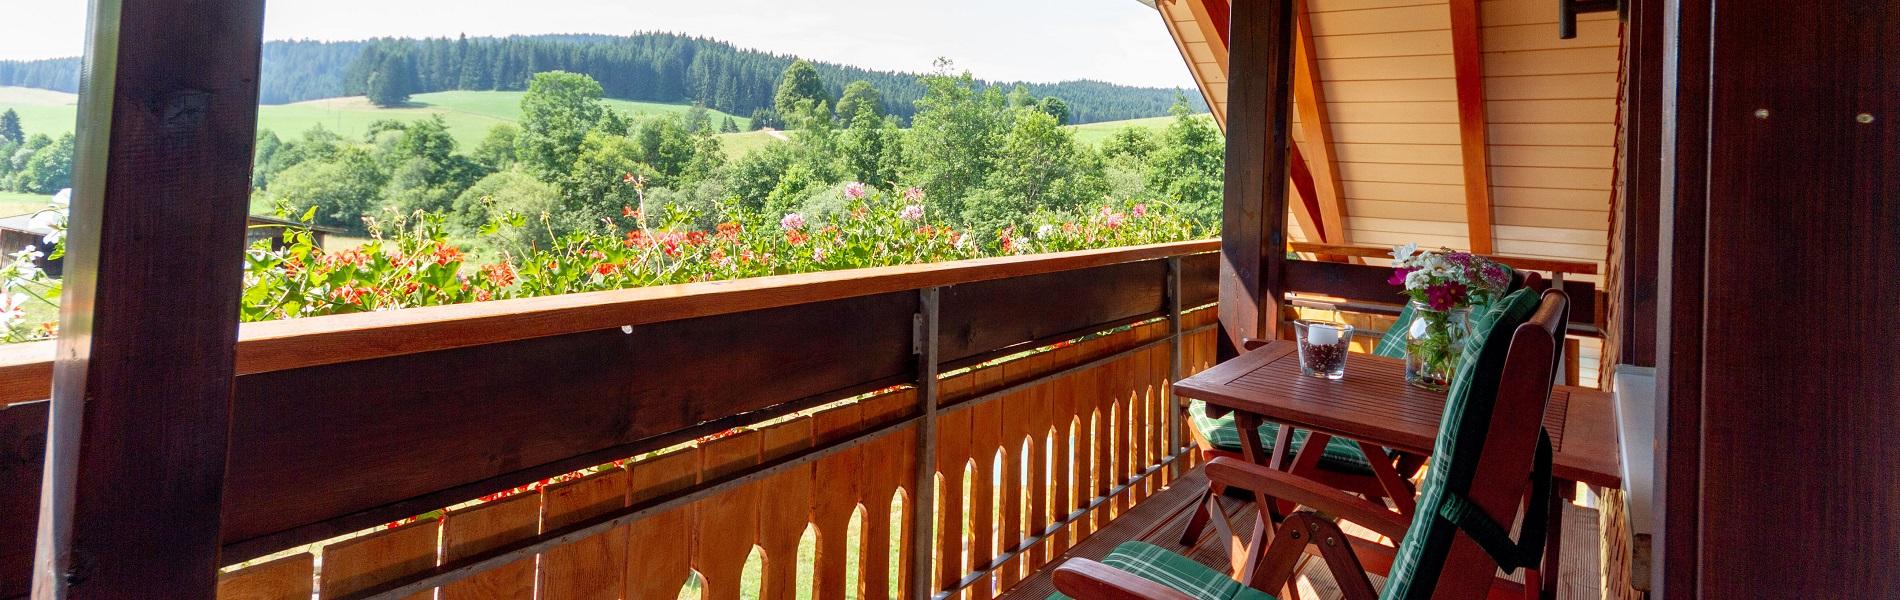 Slider - Kamille - Blick vom Balkon